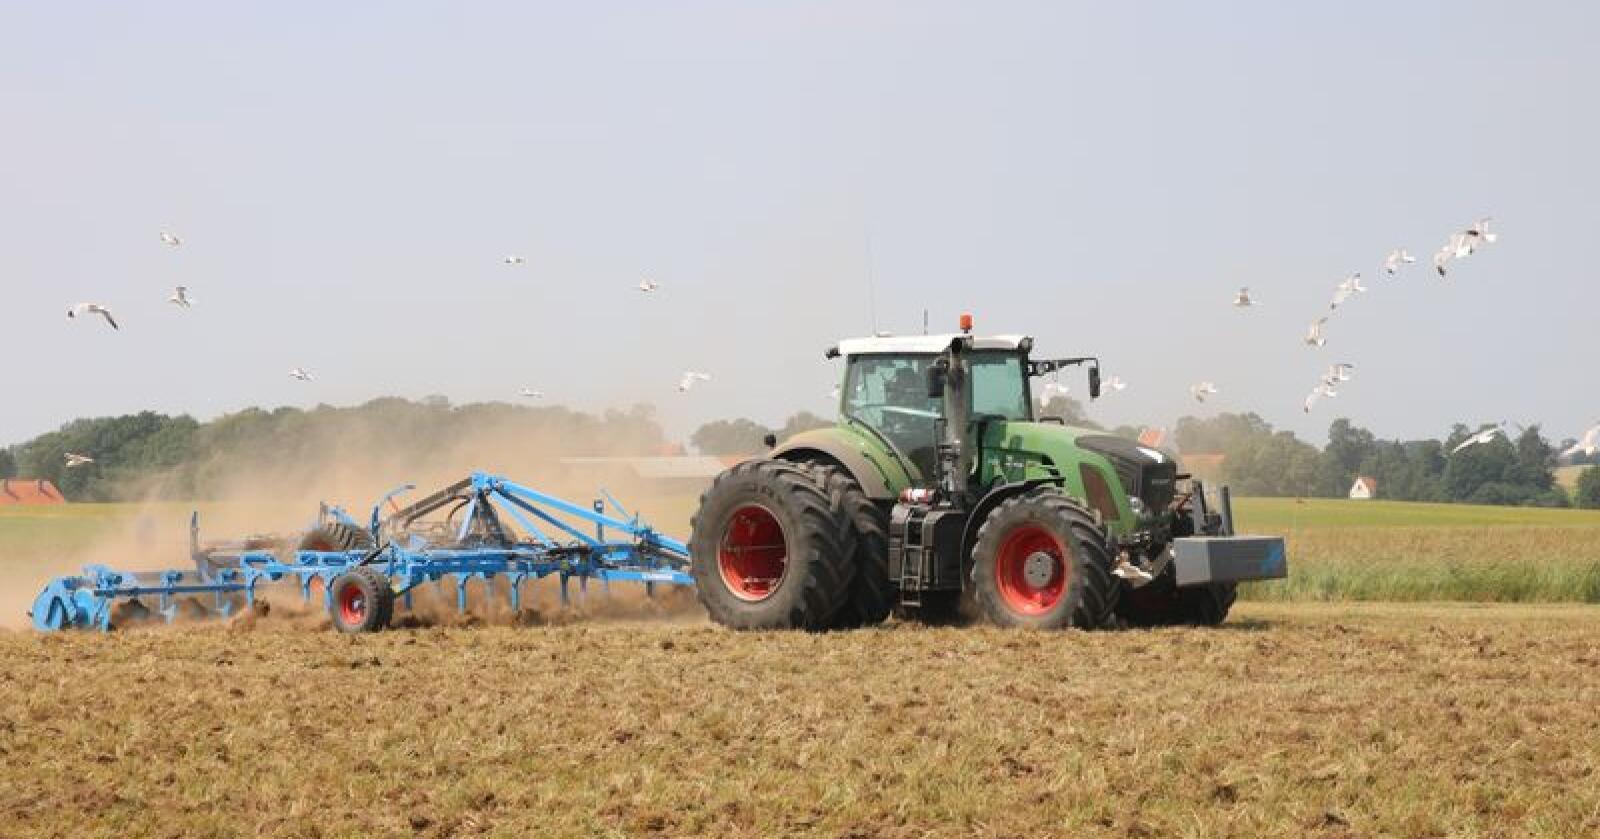 Posisjonen til de største aktørene i traktormarkedet, Eikmaskin og Felleskjøpet, er stadig tung. (Foto: Lars Raaen)